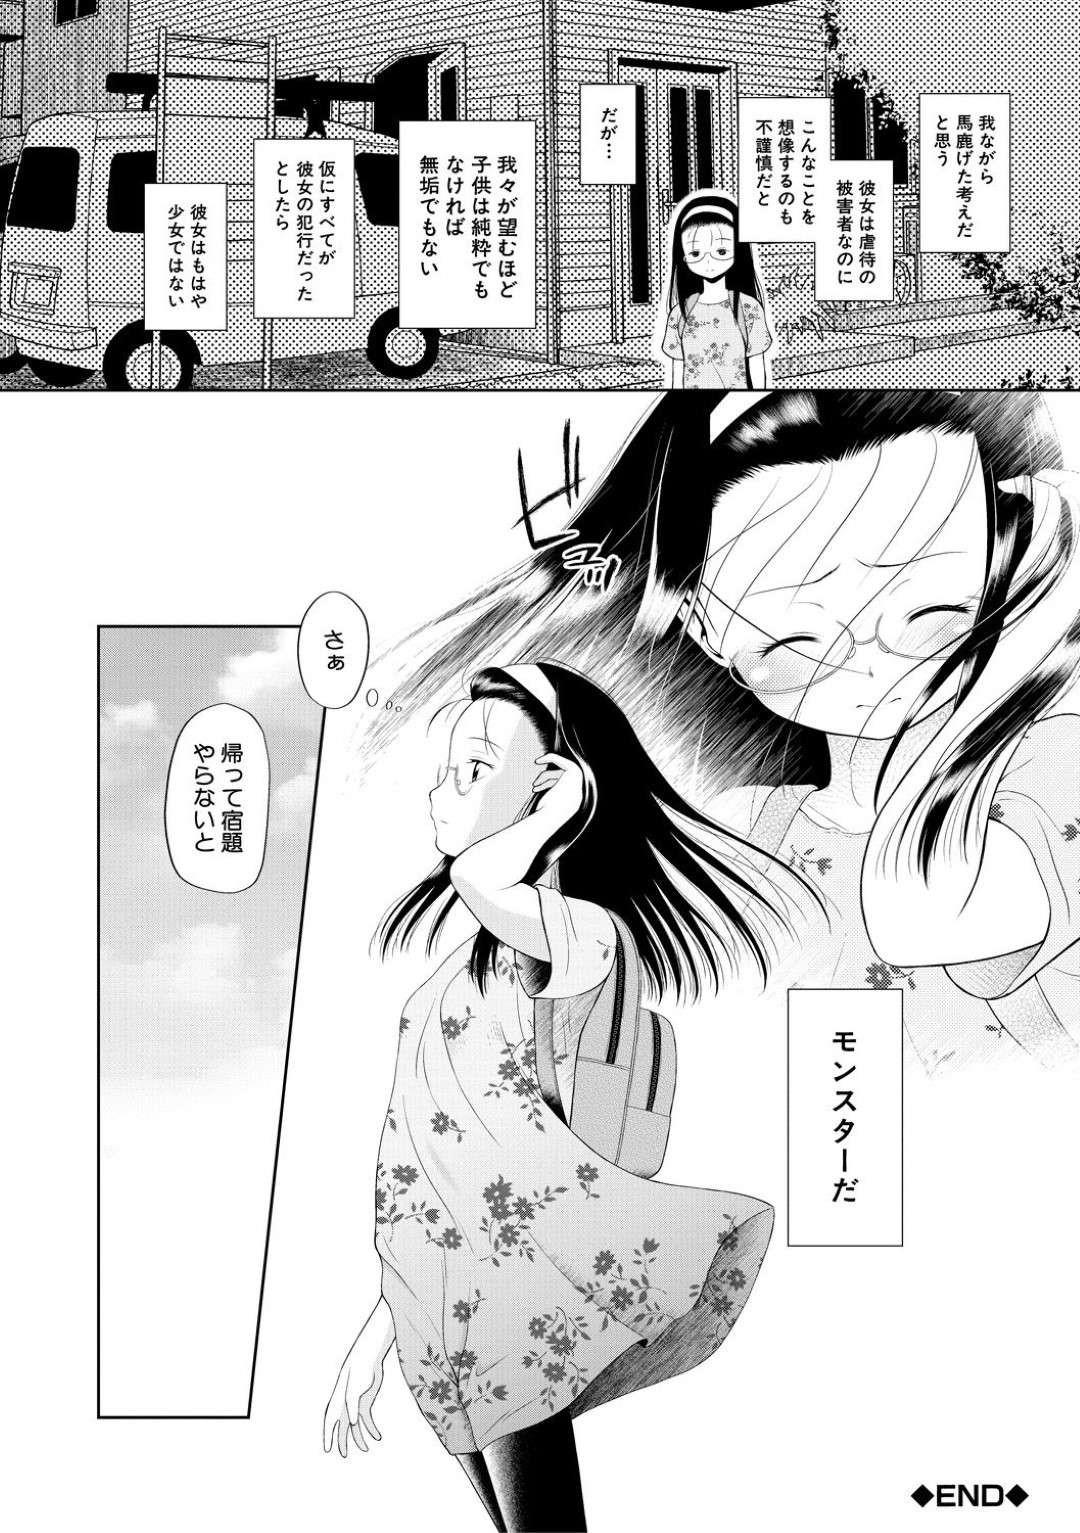 【エロ漫画】長年父親から性的虐待を受けていた少女…しかし上手く売春してくれるおじさんの家に行きアナルセックス!【干支門三十四:MONSTER】